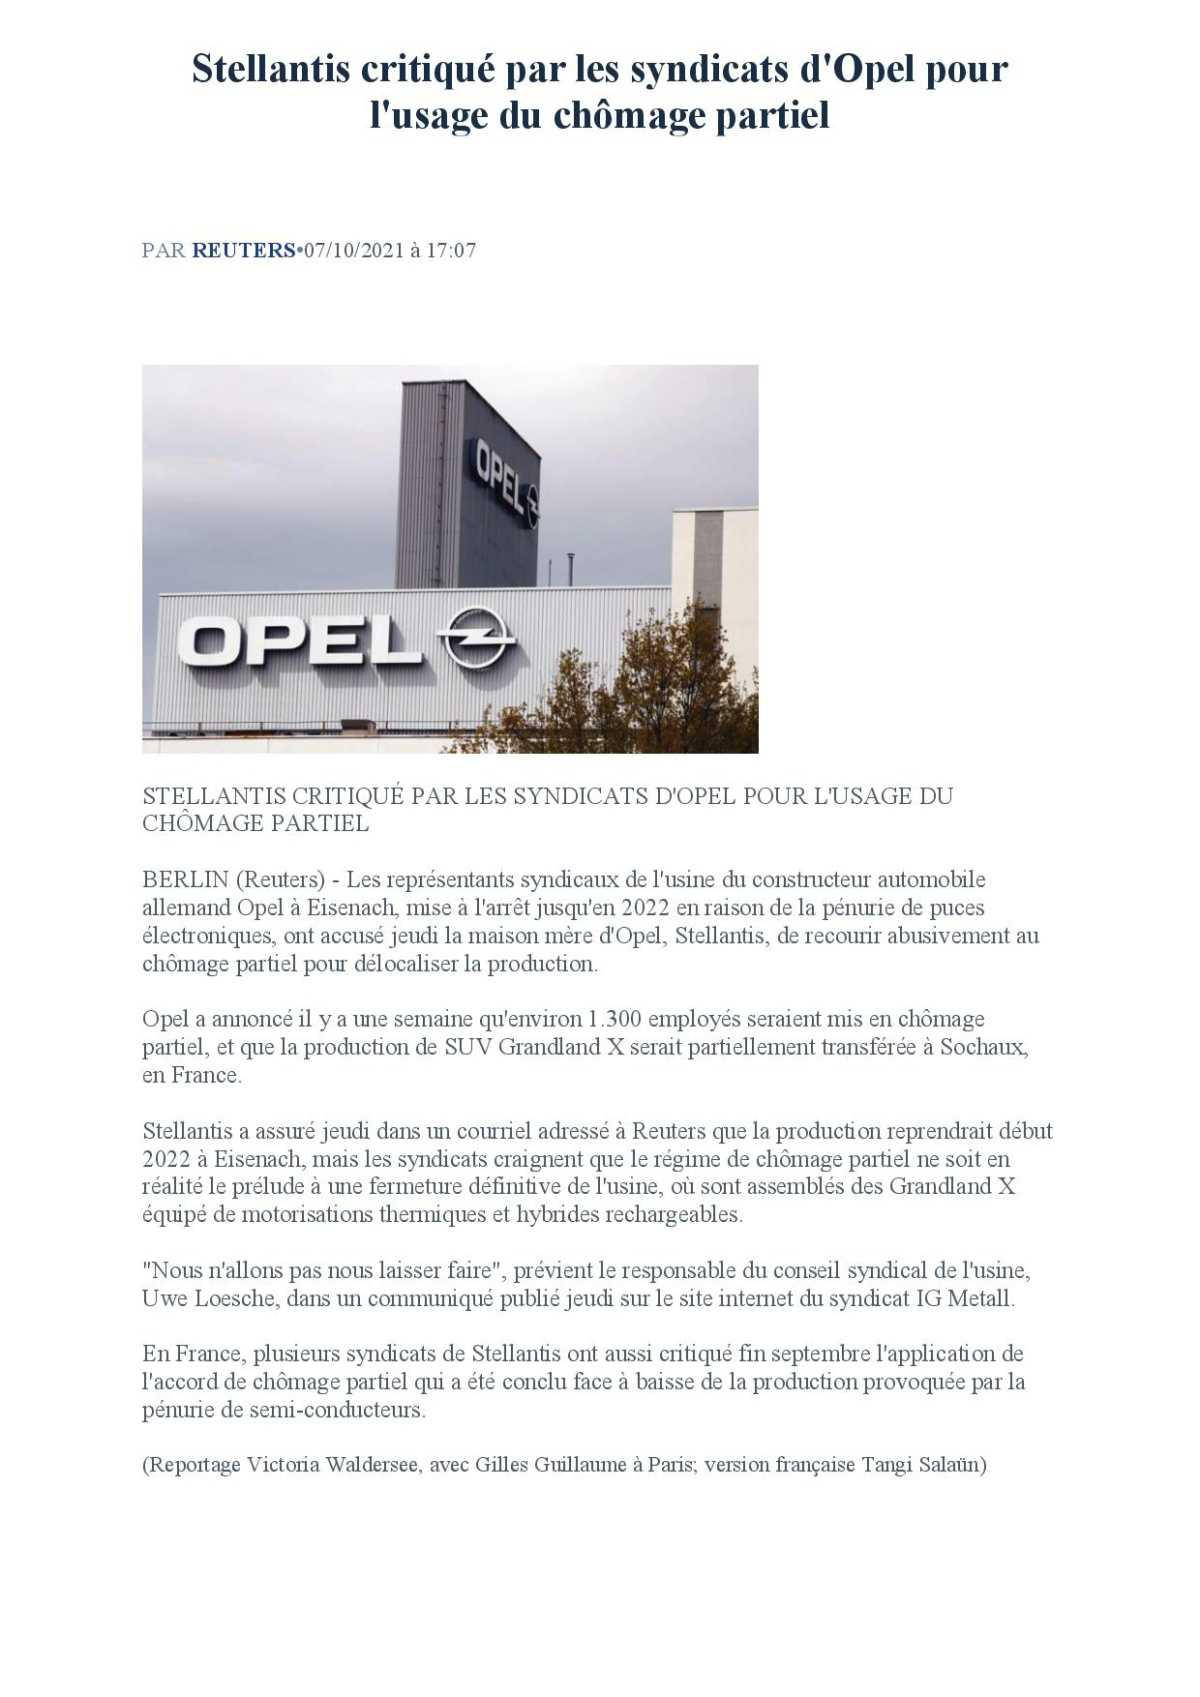 Stellantis critiqué par les Syndicats d'Opel..